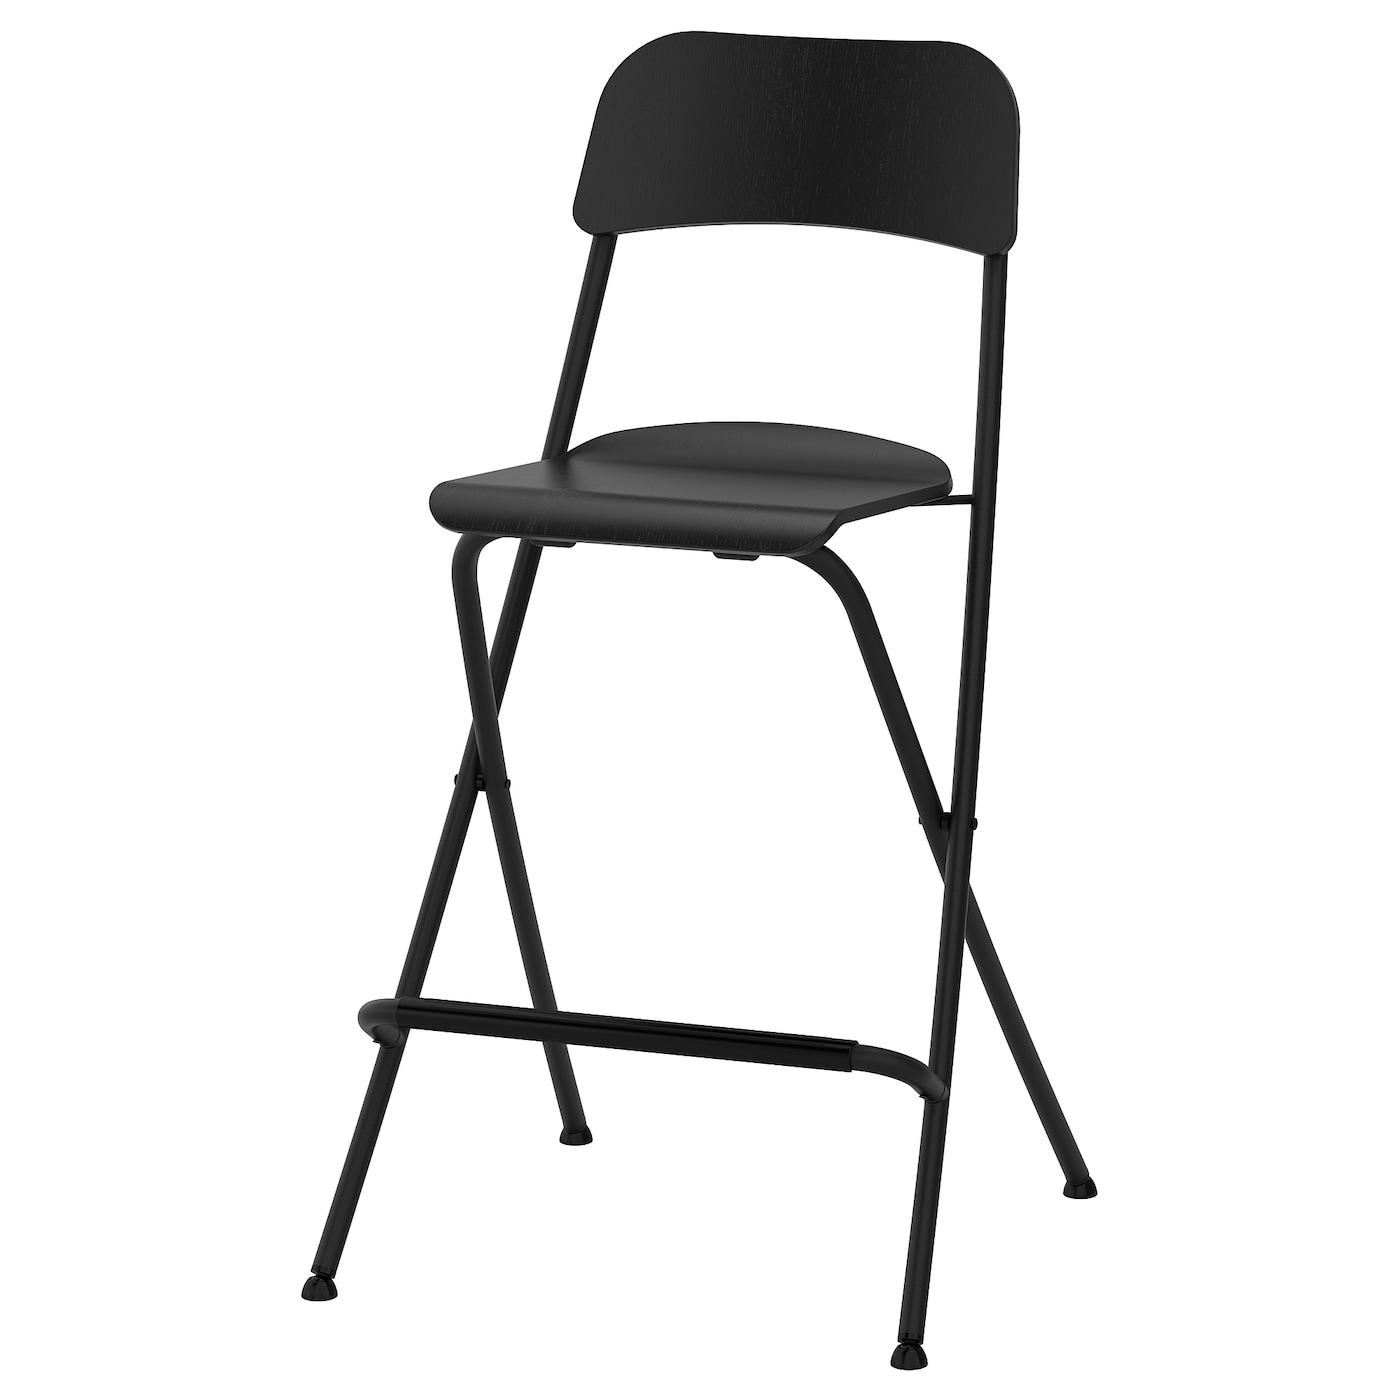 FRANKLIN Bar stool with backrest, foldable   black/black 9 cm